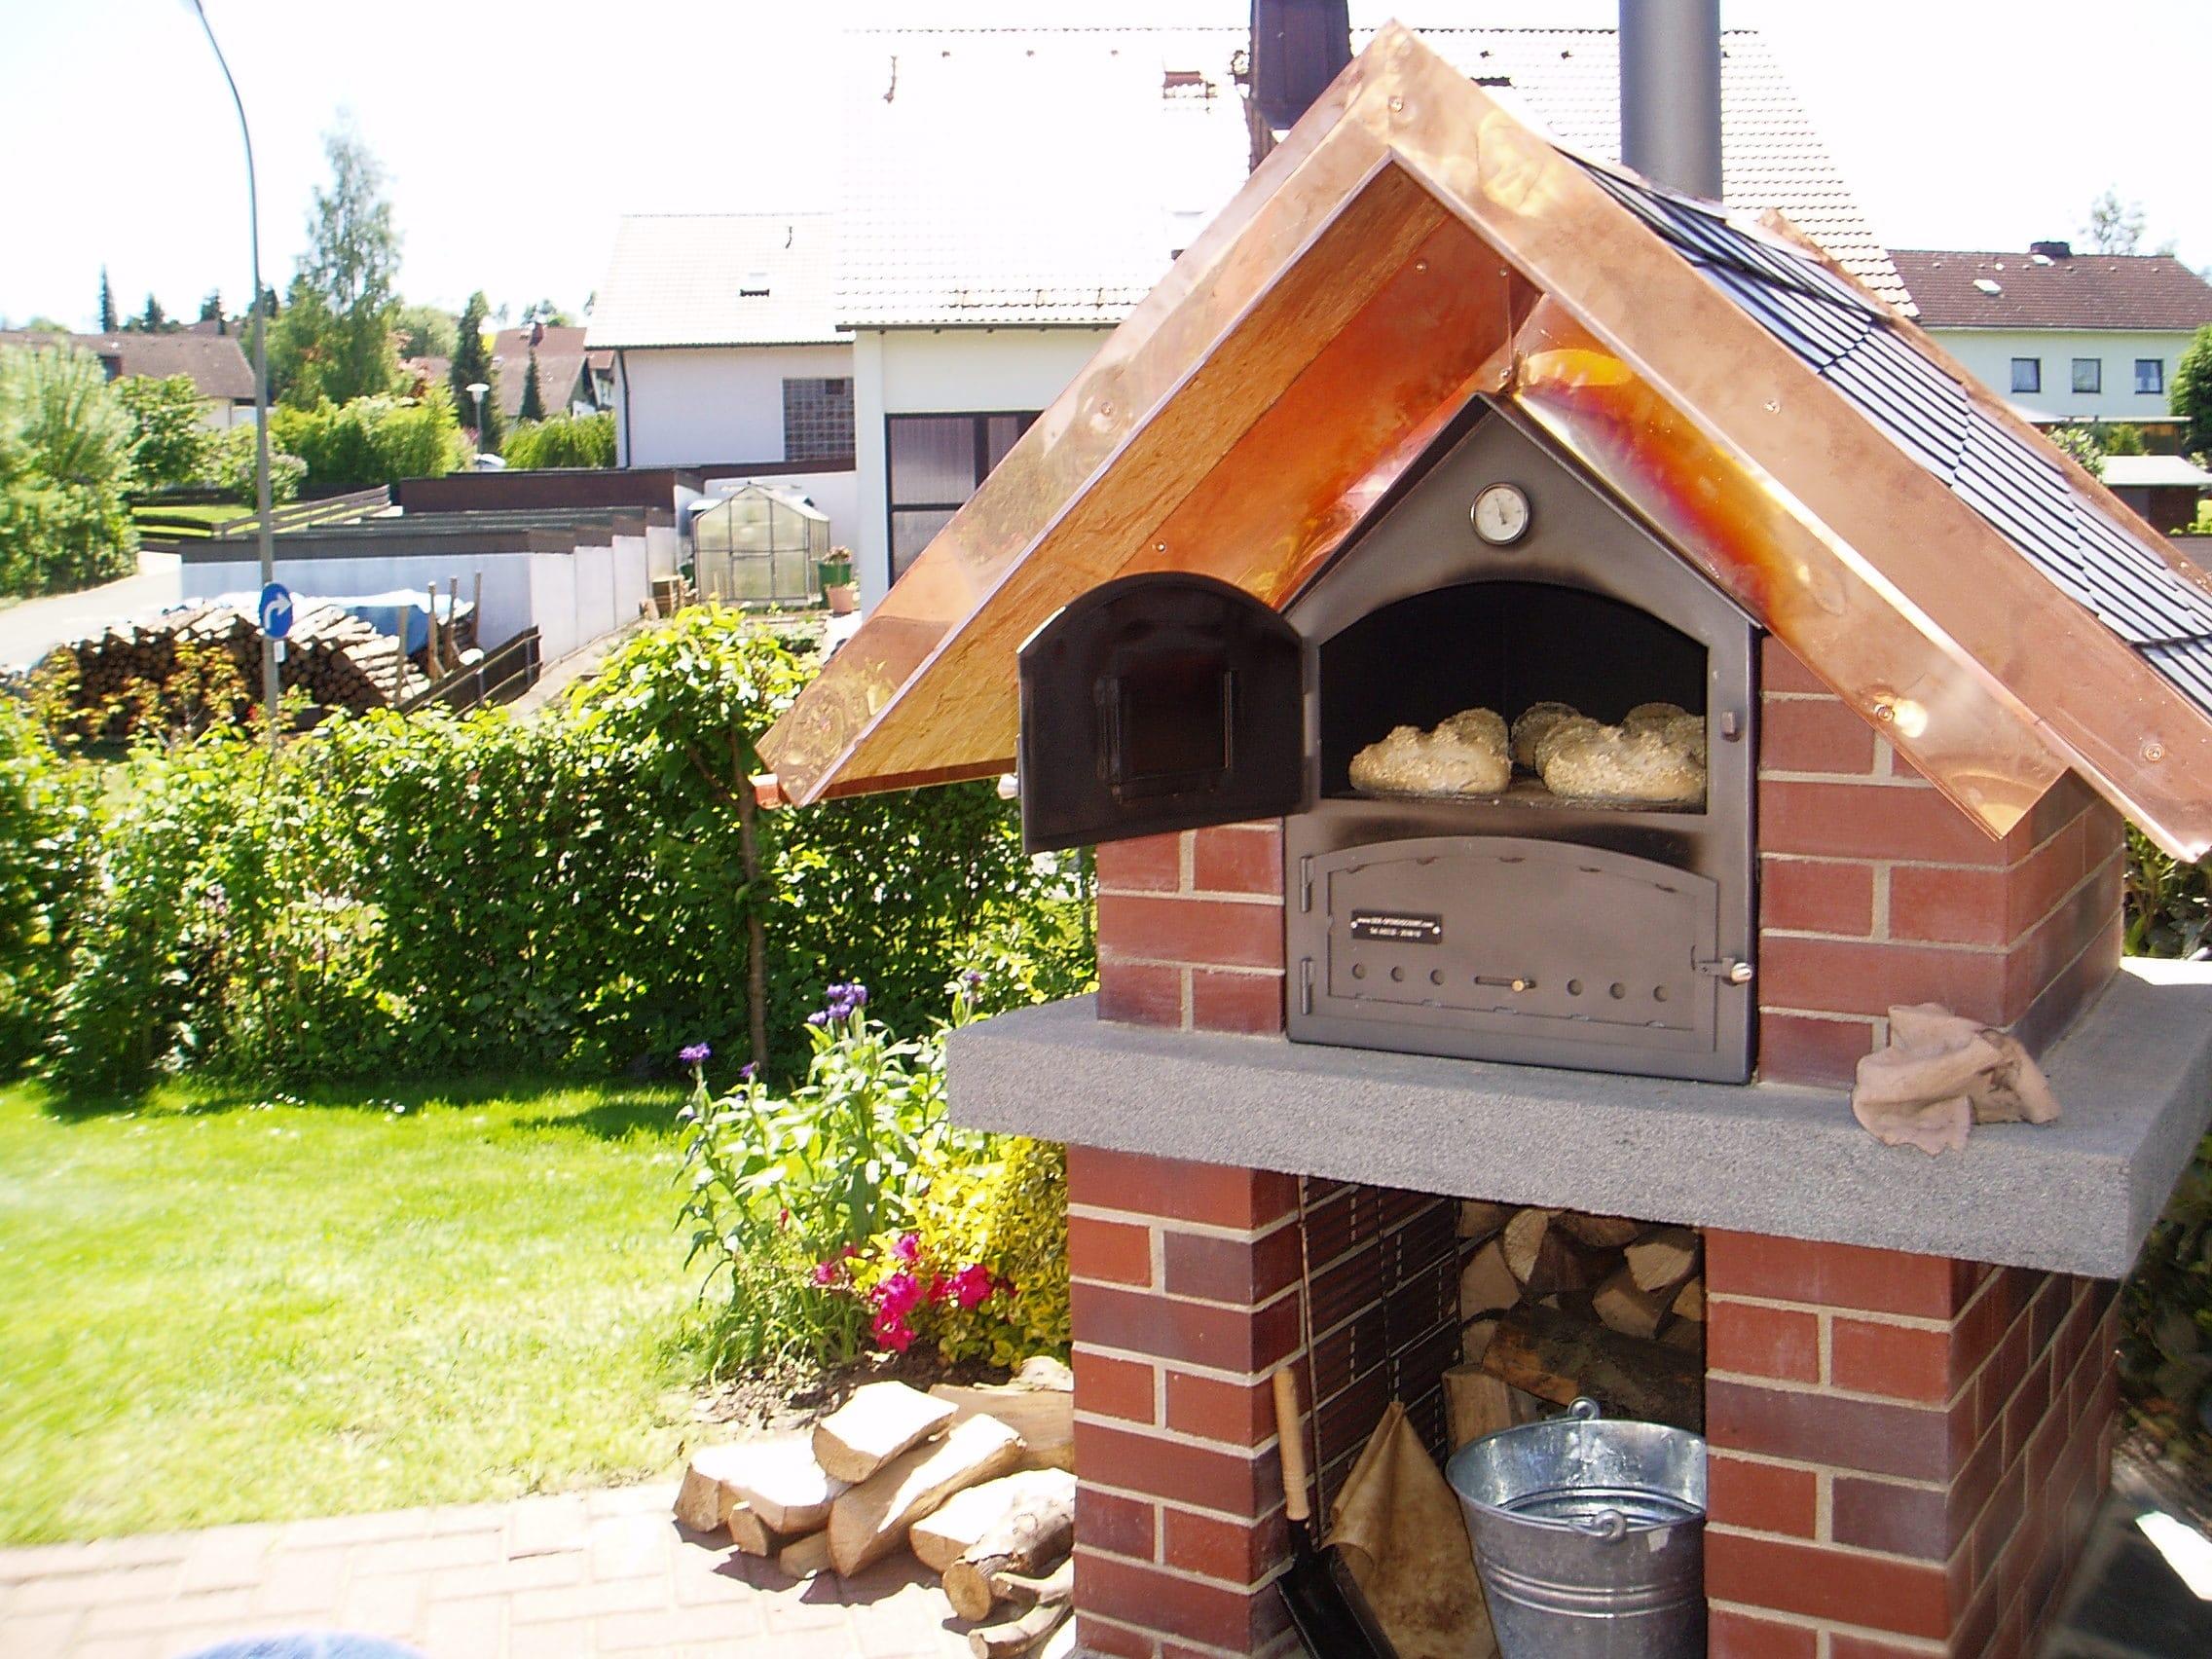 Außenküche Mit Holzbackofen : Bau meiner grill und bbq außenküche gartenküche teil